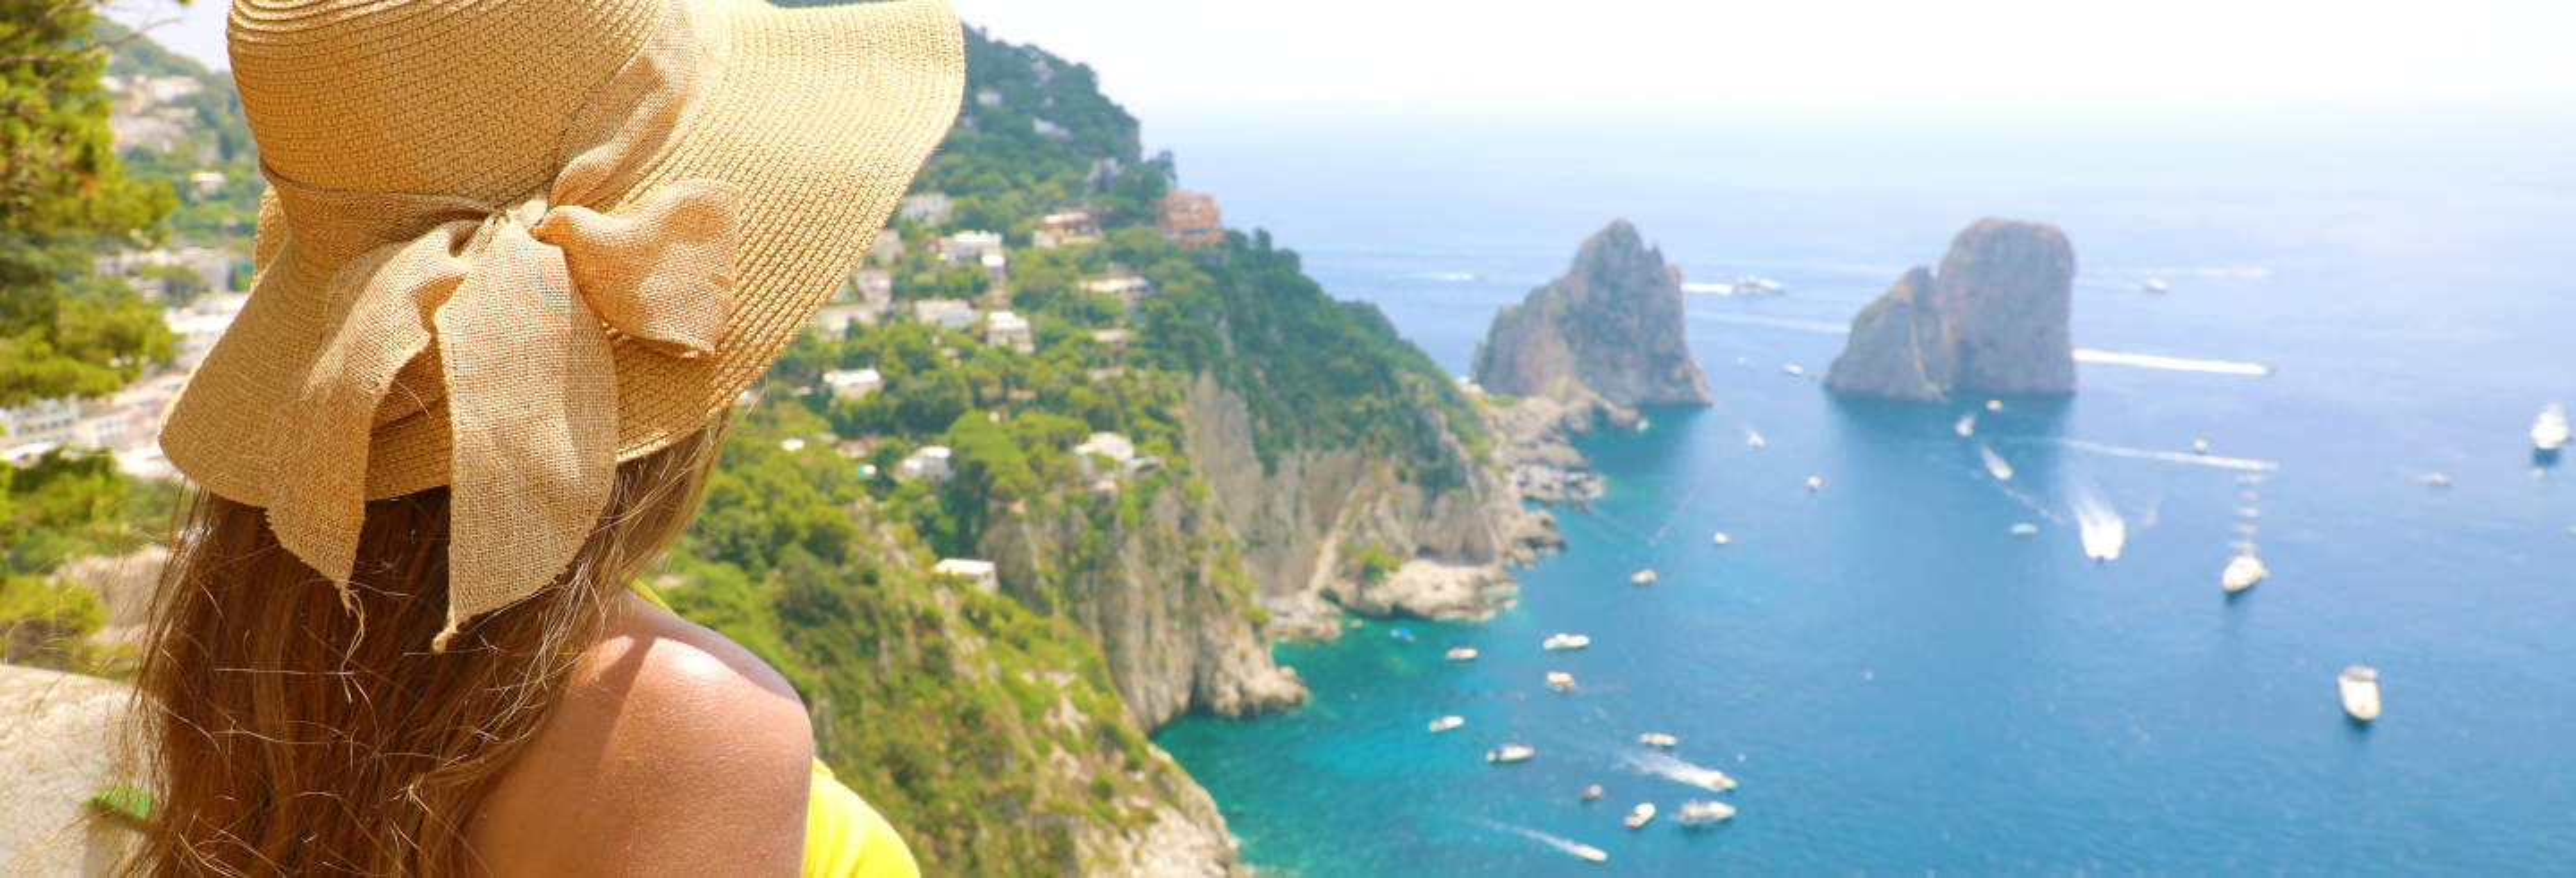 Excursion à Capri et Pompéi